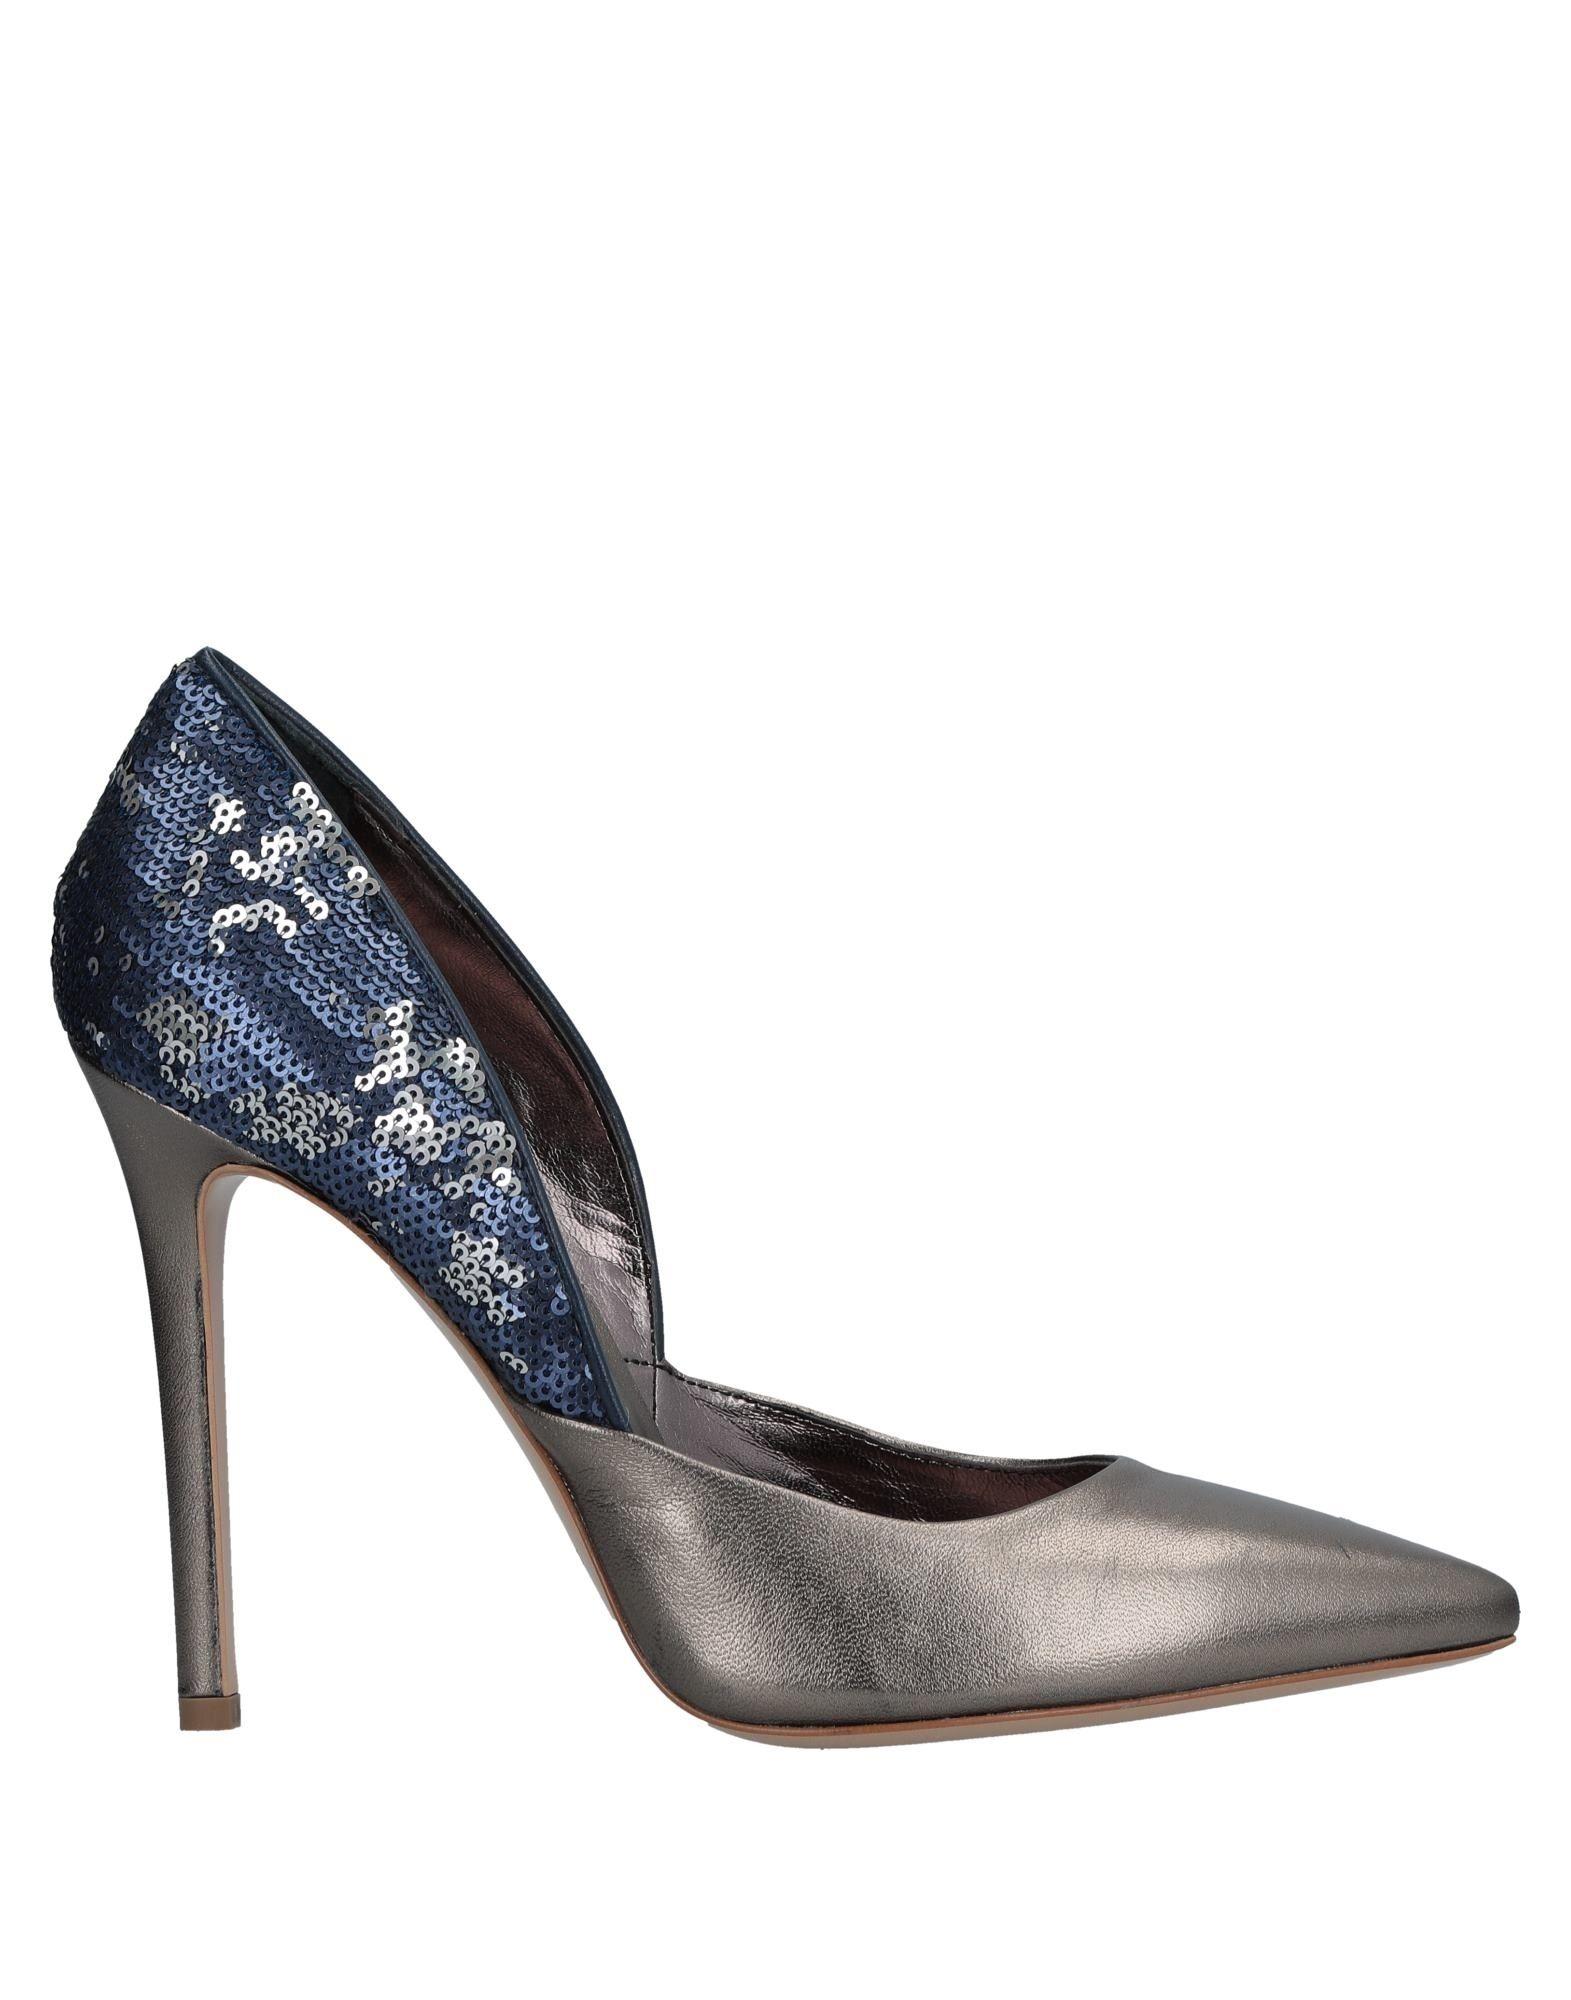 Sandali Fornarina Donna - scarpe 11564797NO Nuove offerte e scarpe - comode 2a2ccf